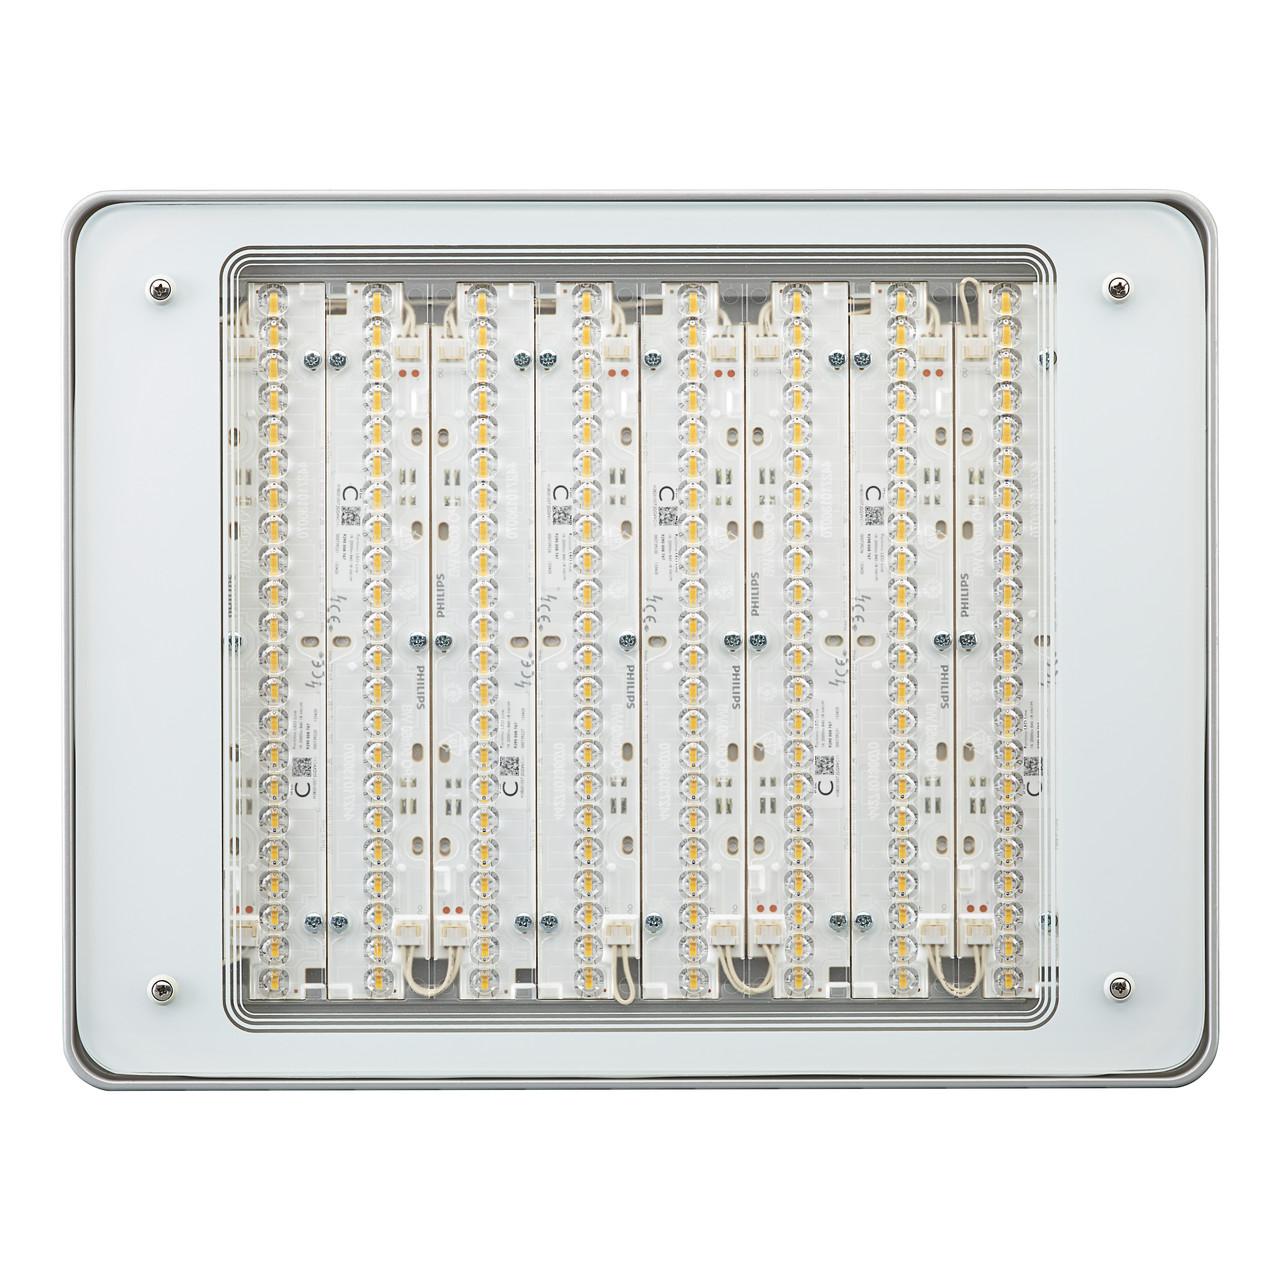 LED Hallenbeleuchtung mit GentleSpace gen2 von Philips